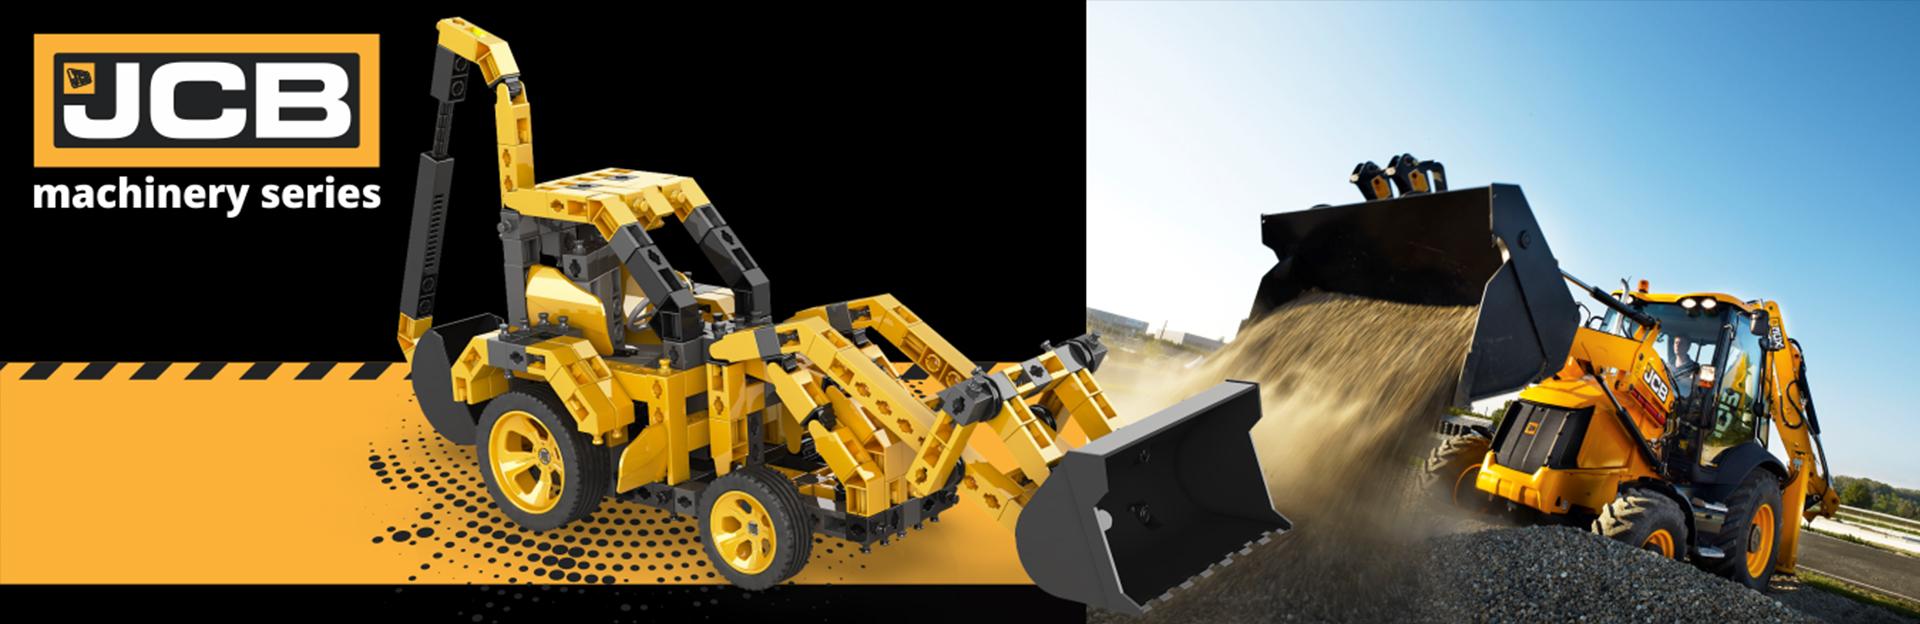 JCB Machinery Series